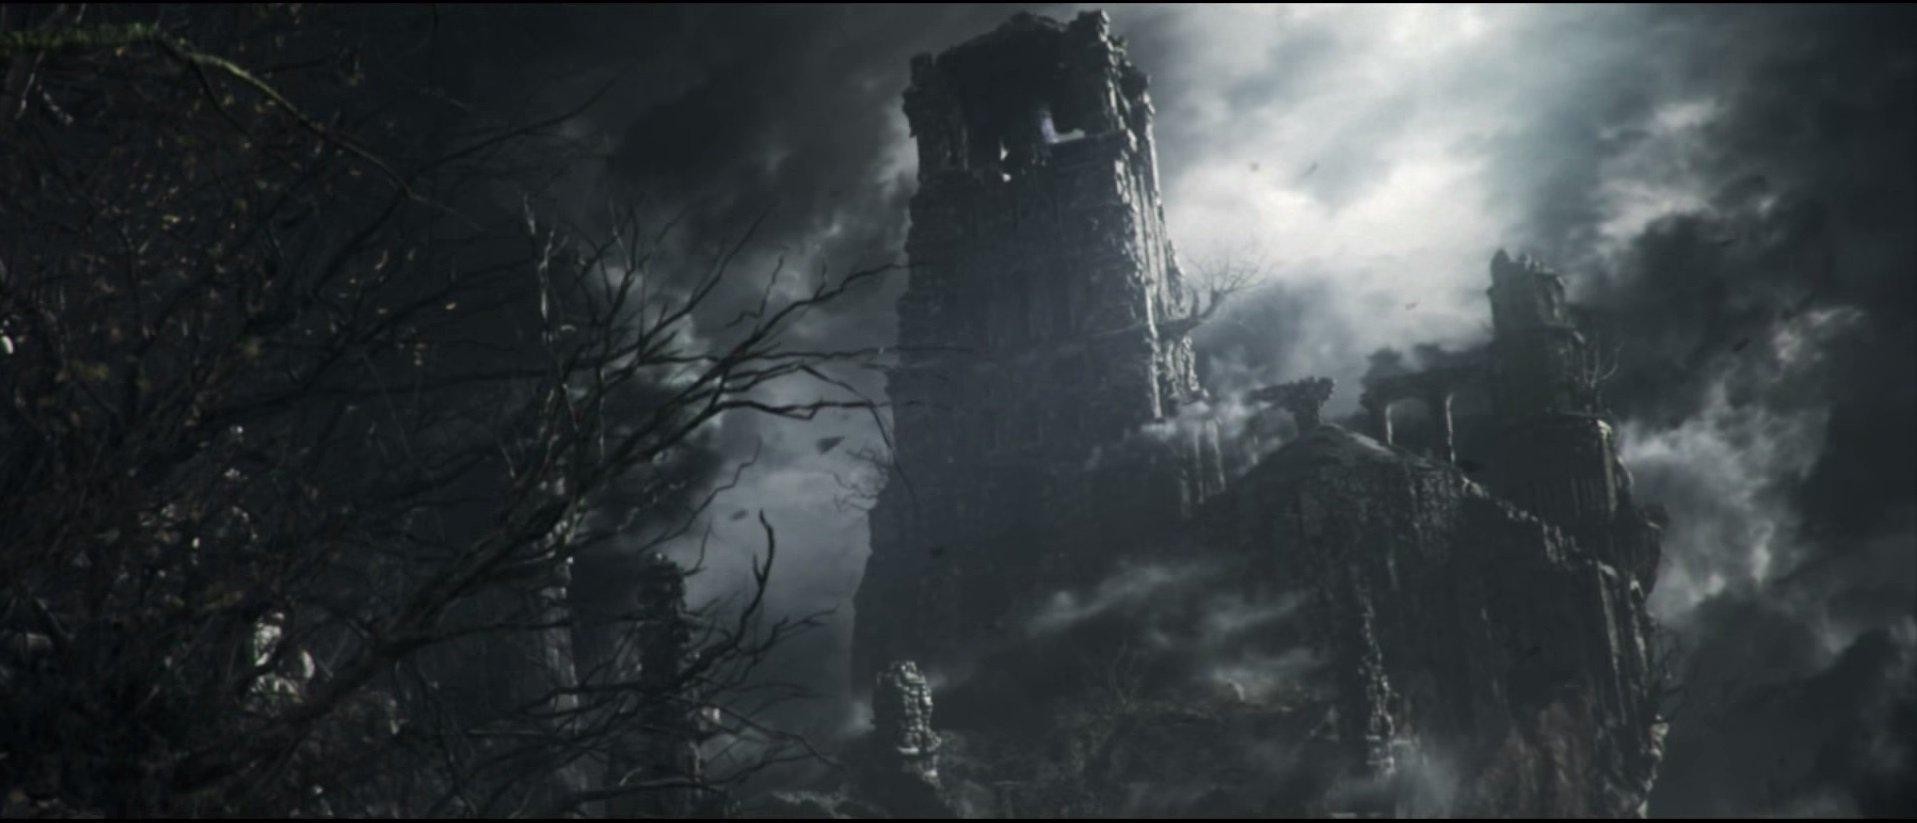 Не украденное рассмотрение трейлера Dark Souls 3 - Изображение 4